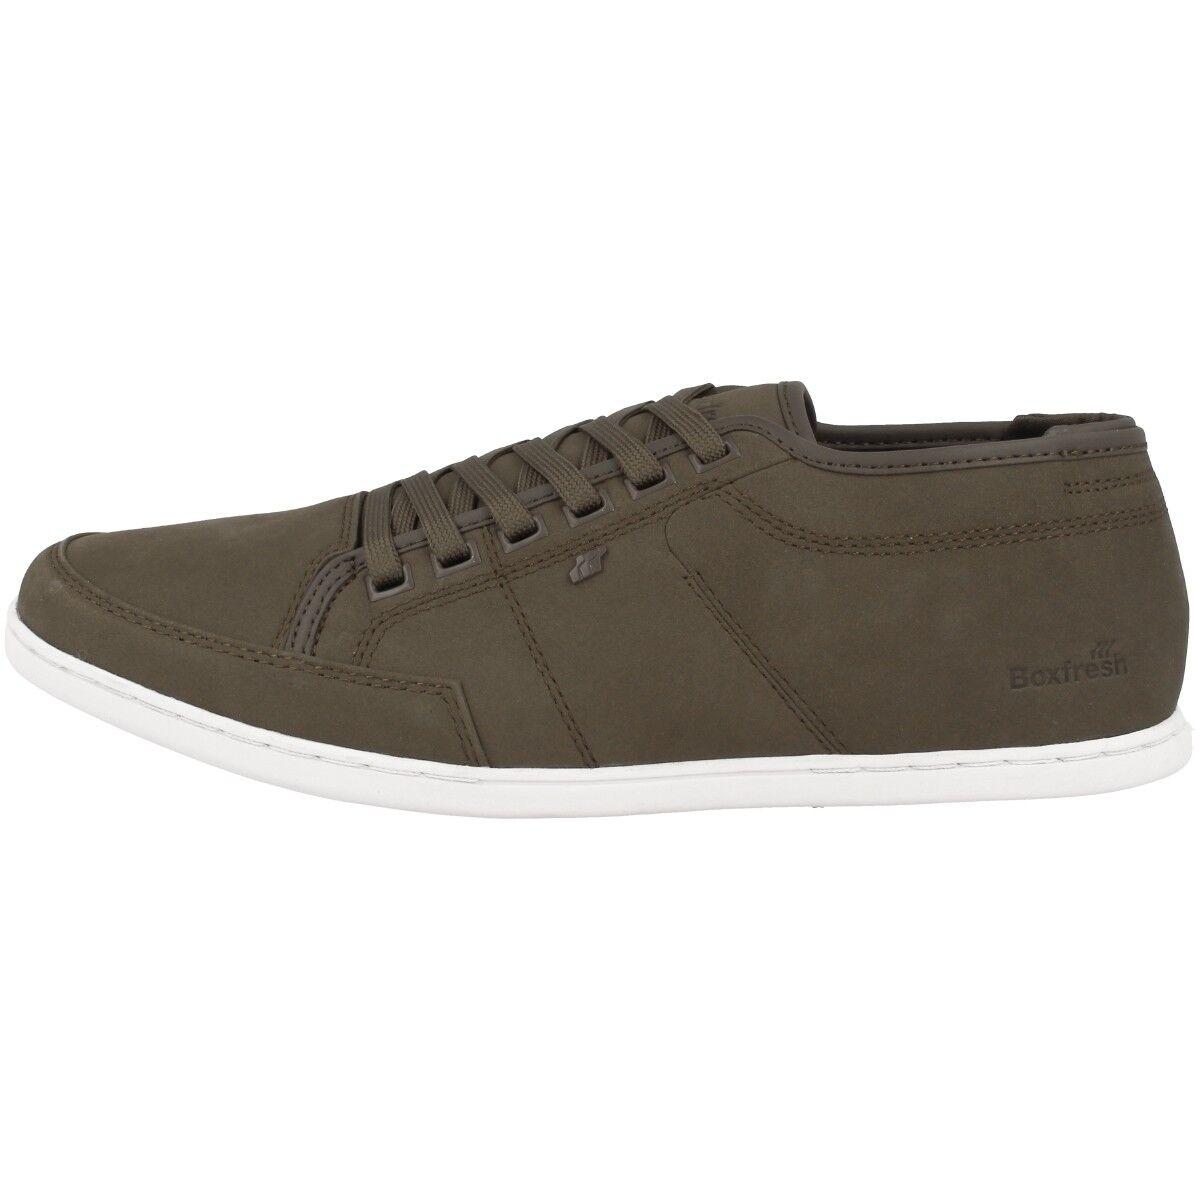 Boxfresh SPARKO Sports Ibrido pelle scarpe uomo sneaker uomo fango E15268 SH Scarpe classiche da uomo